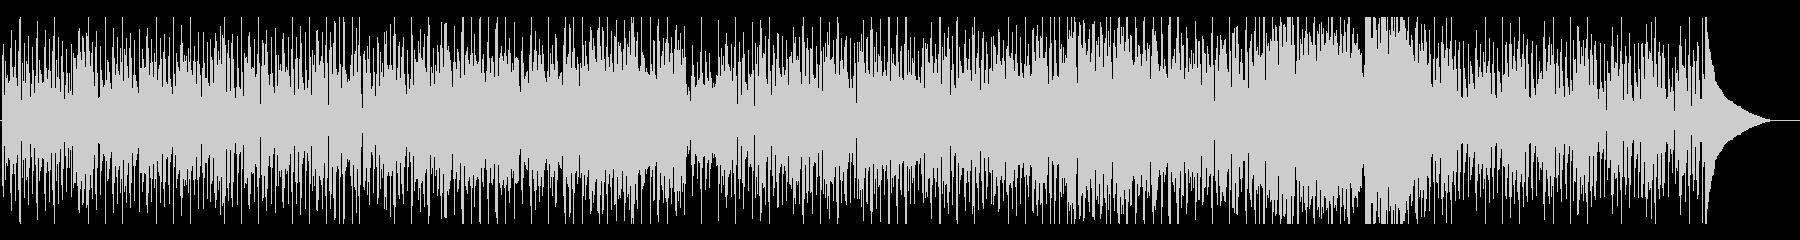 ビートの効いたブラスとピアノのスウィングの未再生の波形